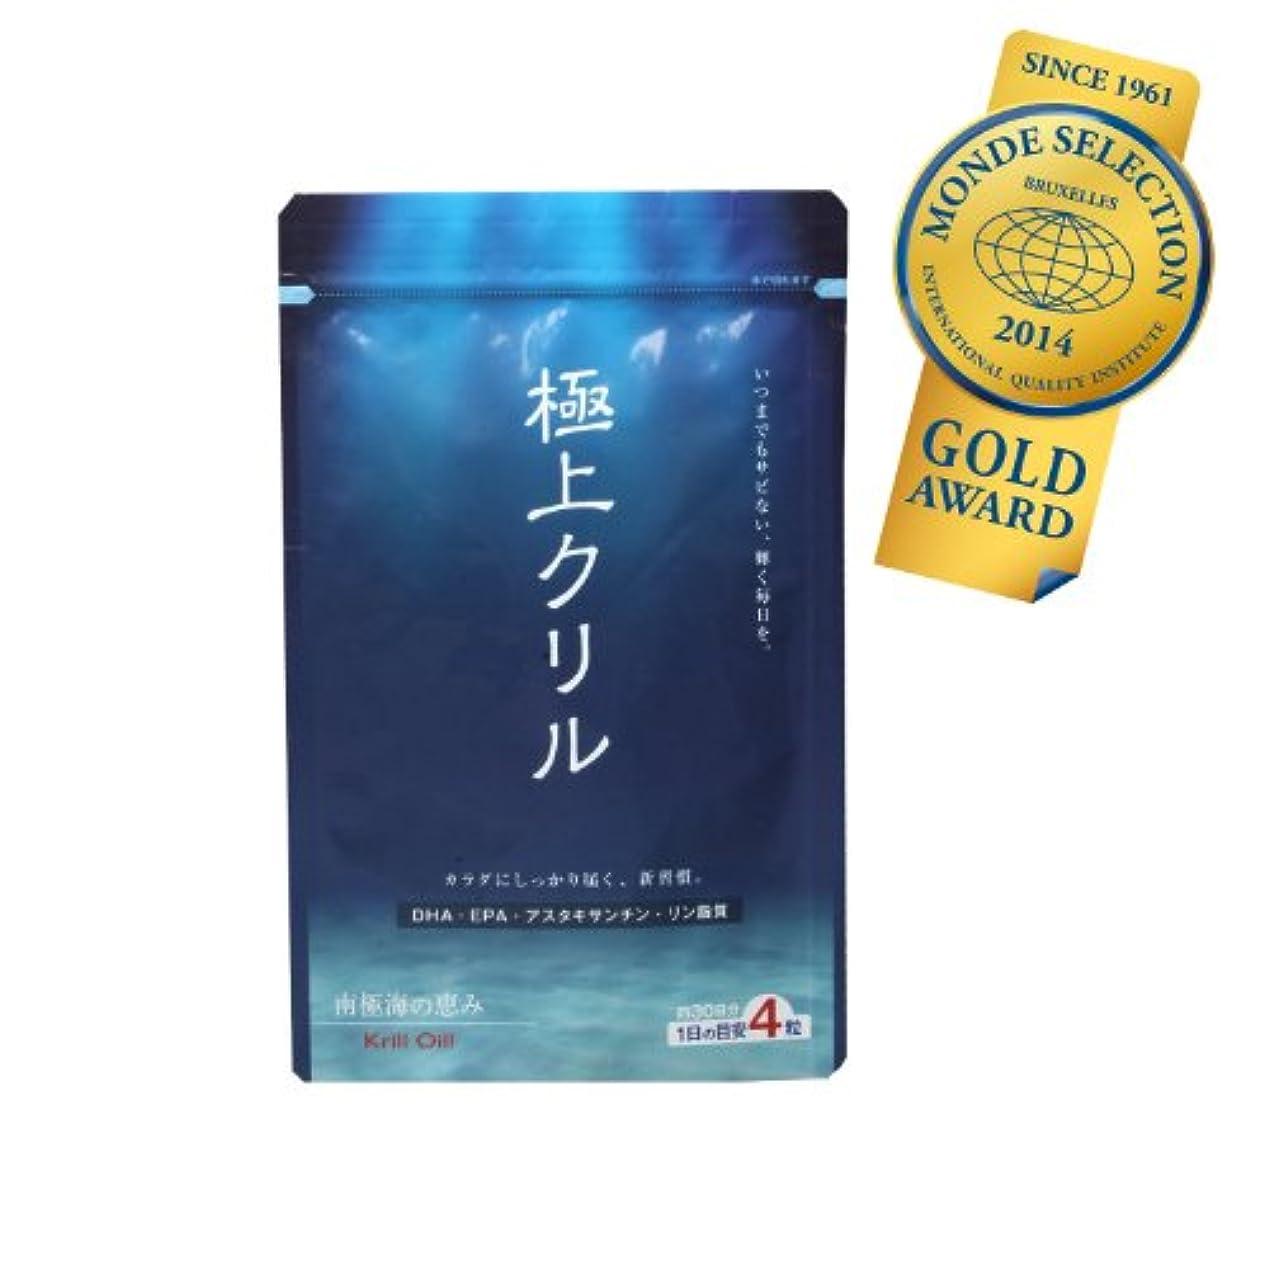 傑出したデッキ見ました極上クリル120粒 100%クリルオイル (約1ヶ月分) 日本製×5袋セット